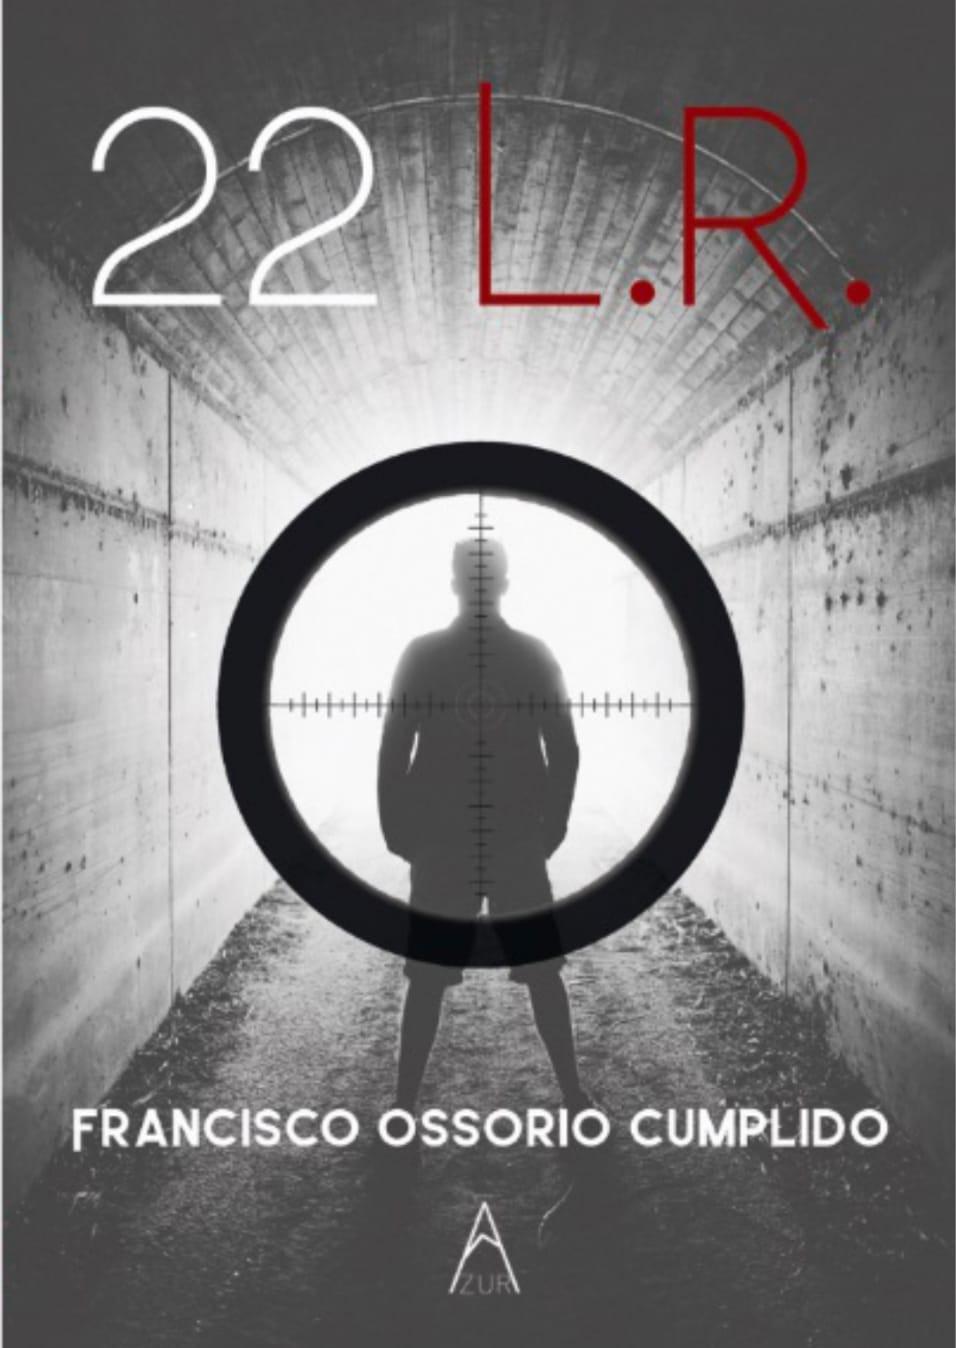 La biblioteca acoge la presentación de la novela «22 L. R.» de Francisco Ossorio Cumplido